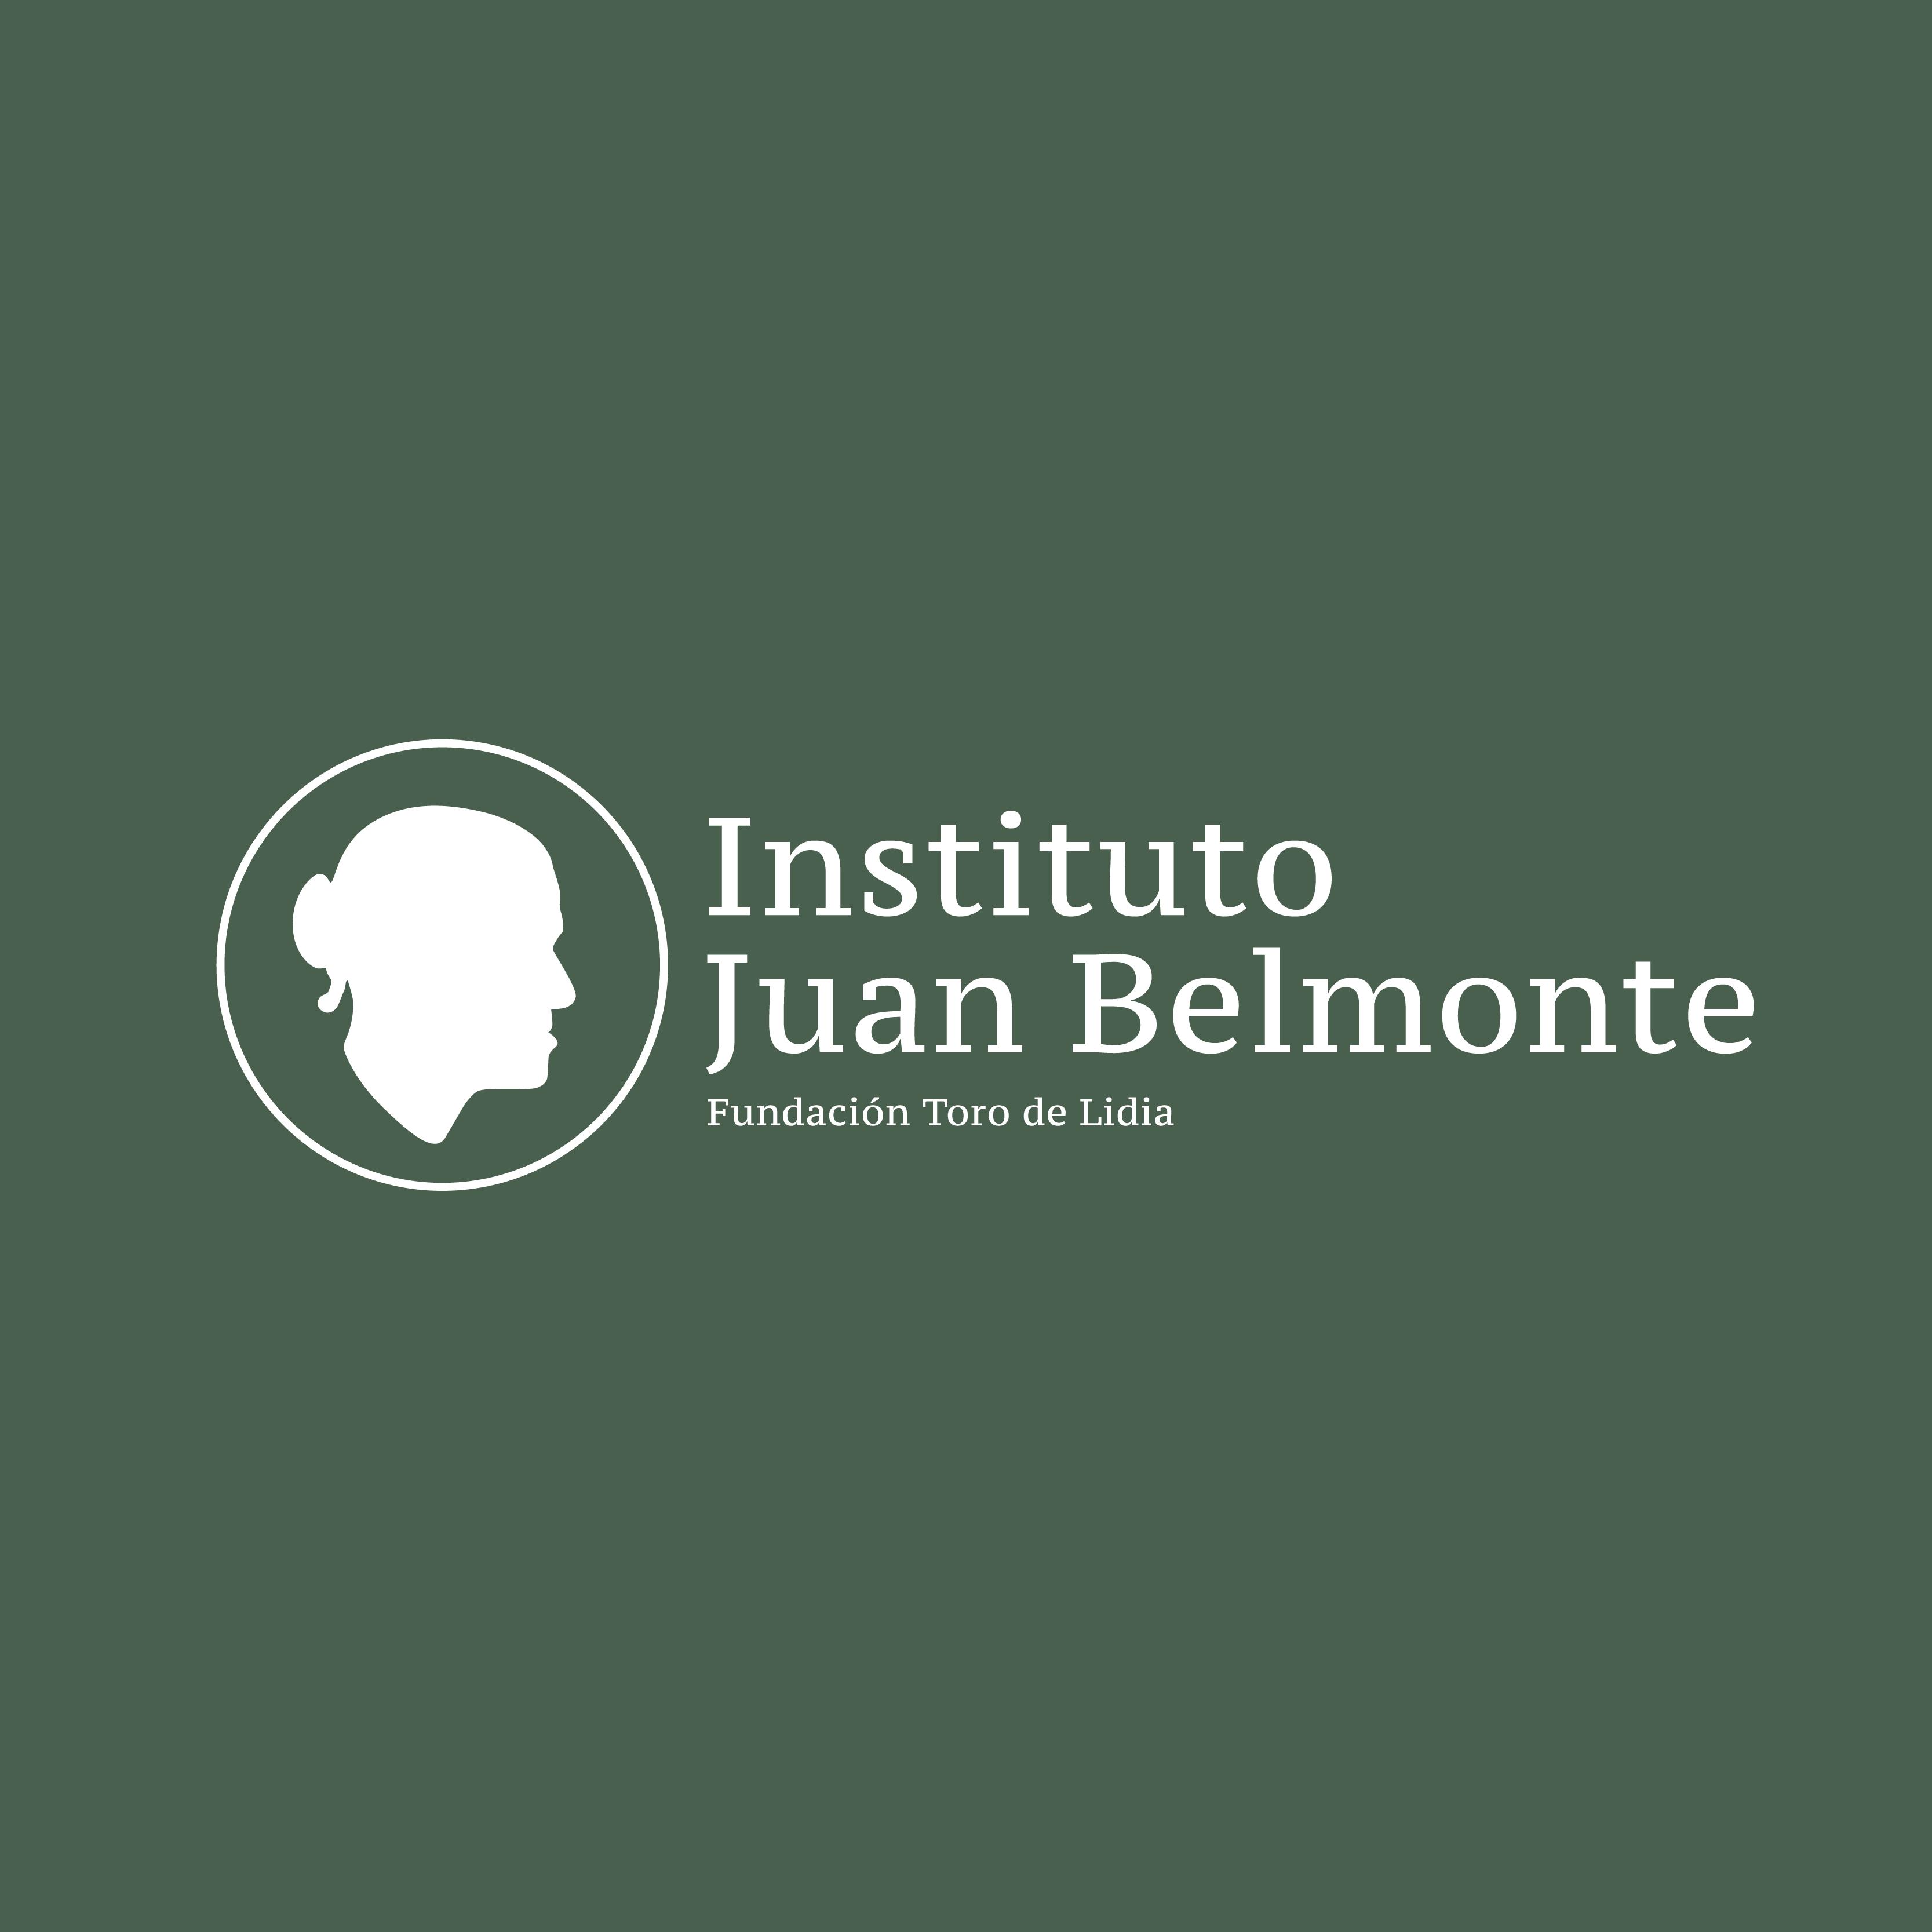 La Fundación Toro de Lidia crea el Instituto Juan Belmonte